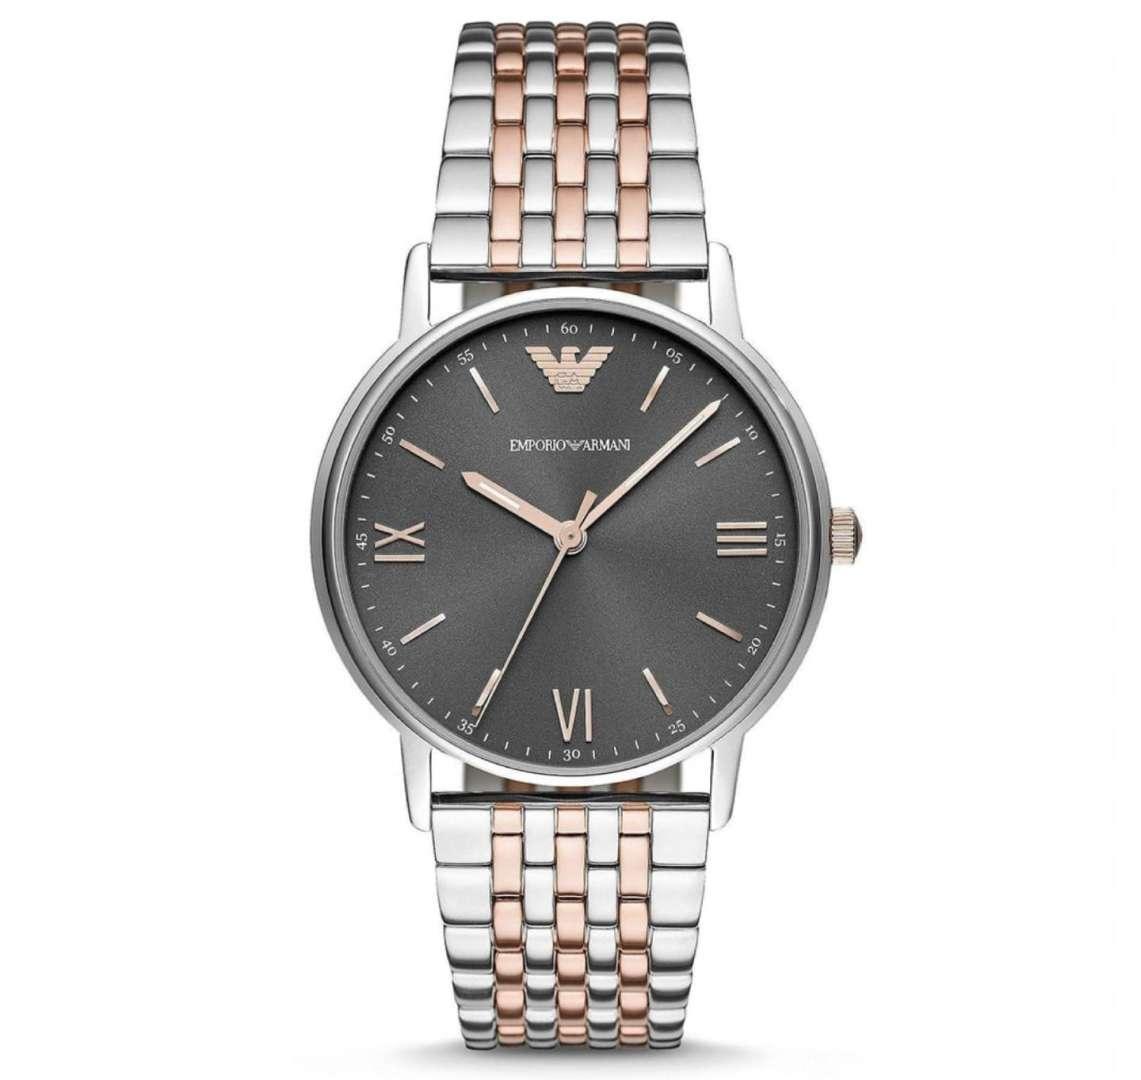 שעון יד אנלוגי לגבר emporio armani ar11121 אמפוריו ארמני